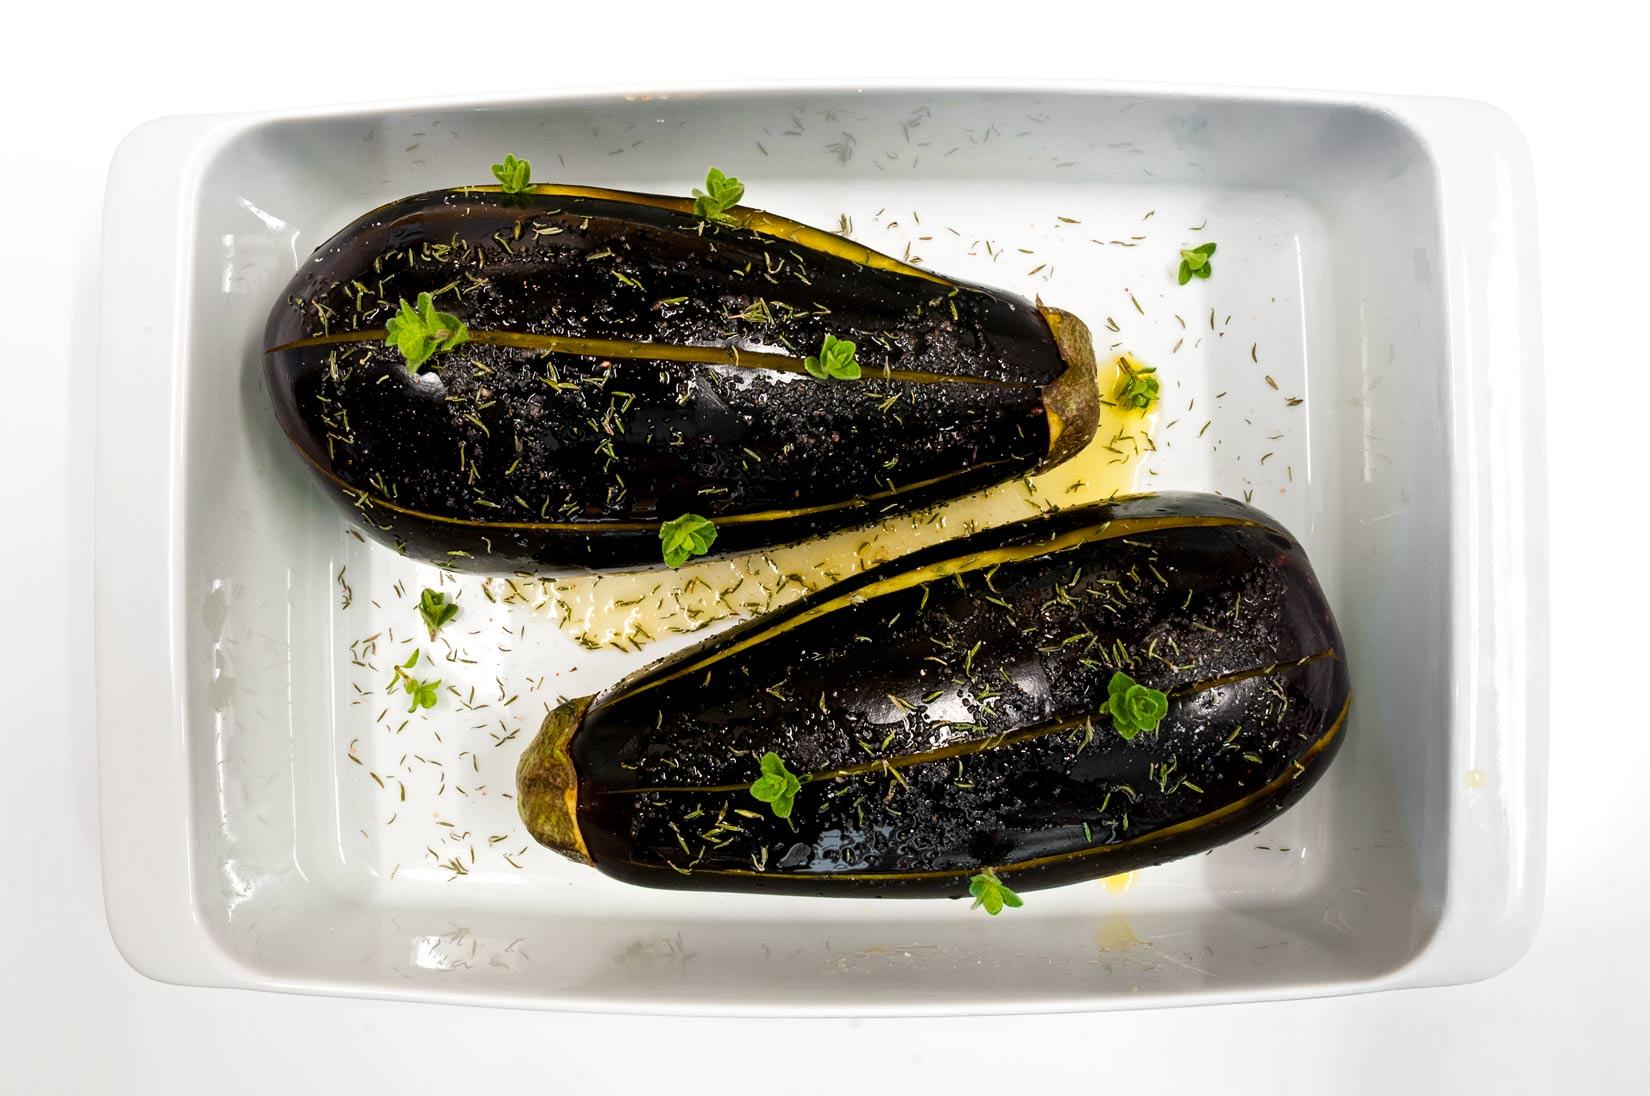 Lilky podélně nakrojíme třemi řezy do dvou třetin tloušťky. Do řezů vetřeme sůl, tymián a olivový olej.